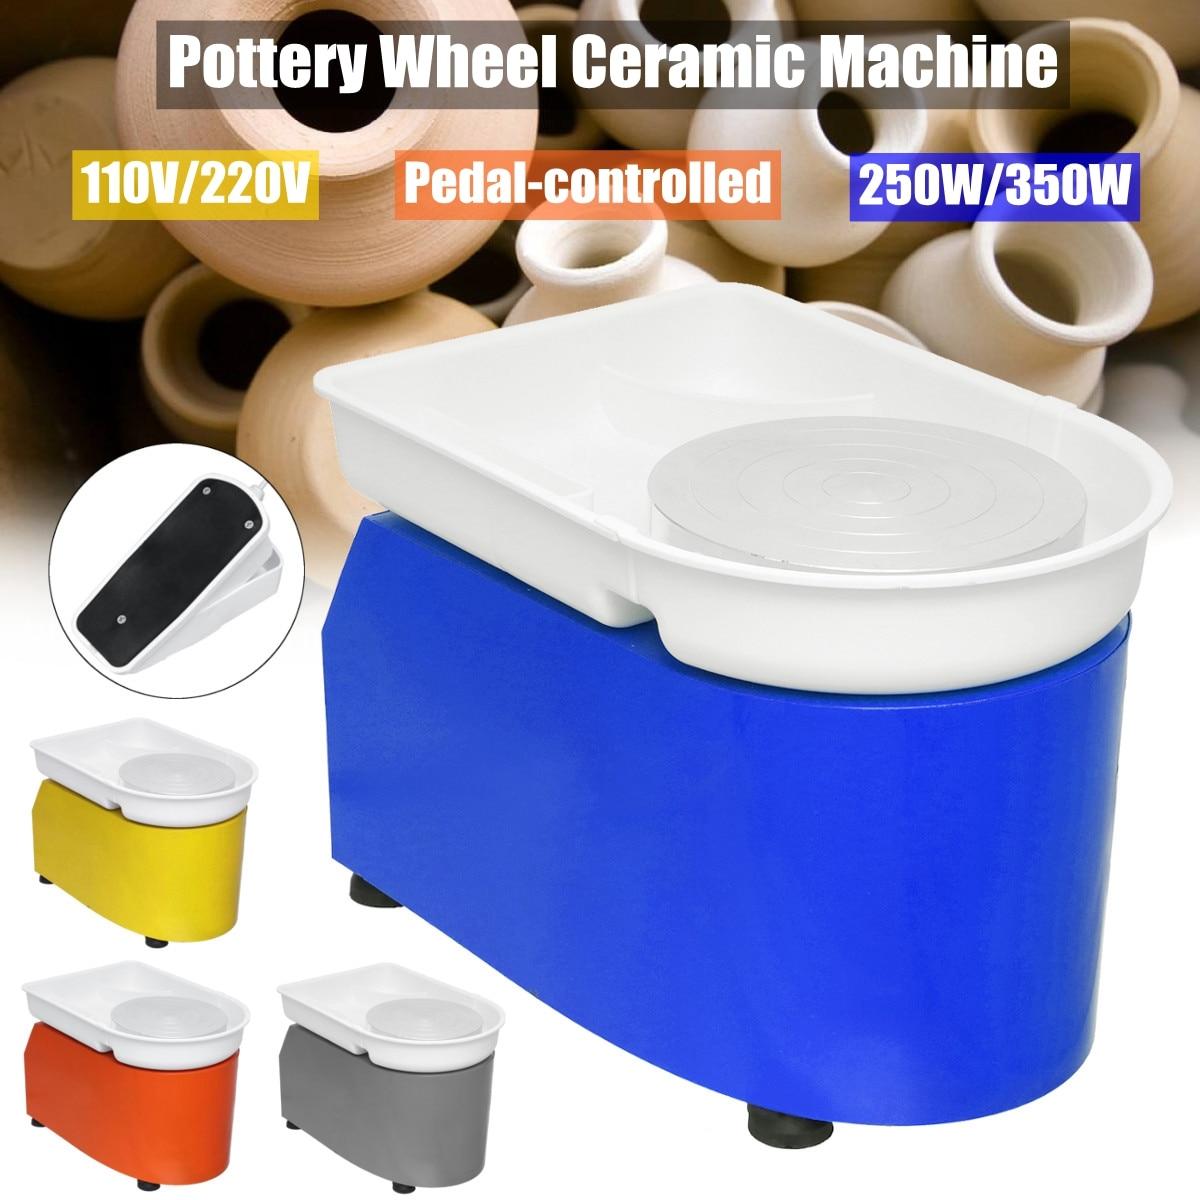 220 В/350 Вт Электрический туры колеса керамика машина Керамика глины Поттер Книги по искусству для Керамика работы Керамика s 110 в/220 В